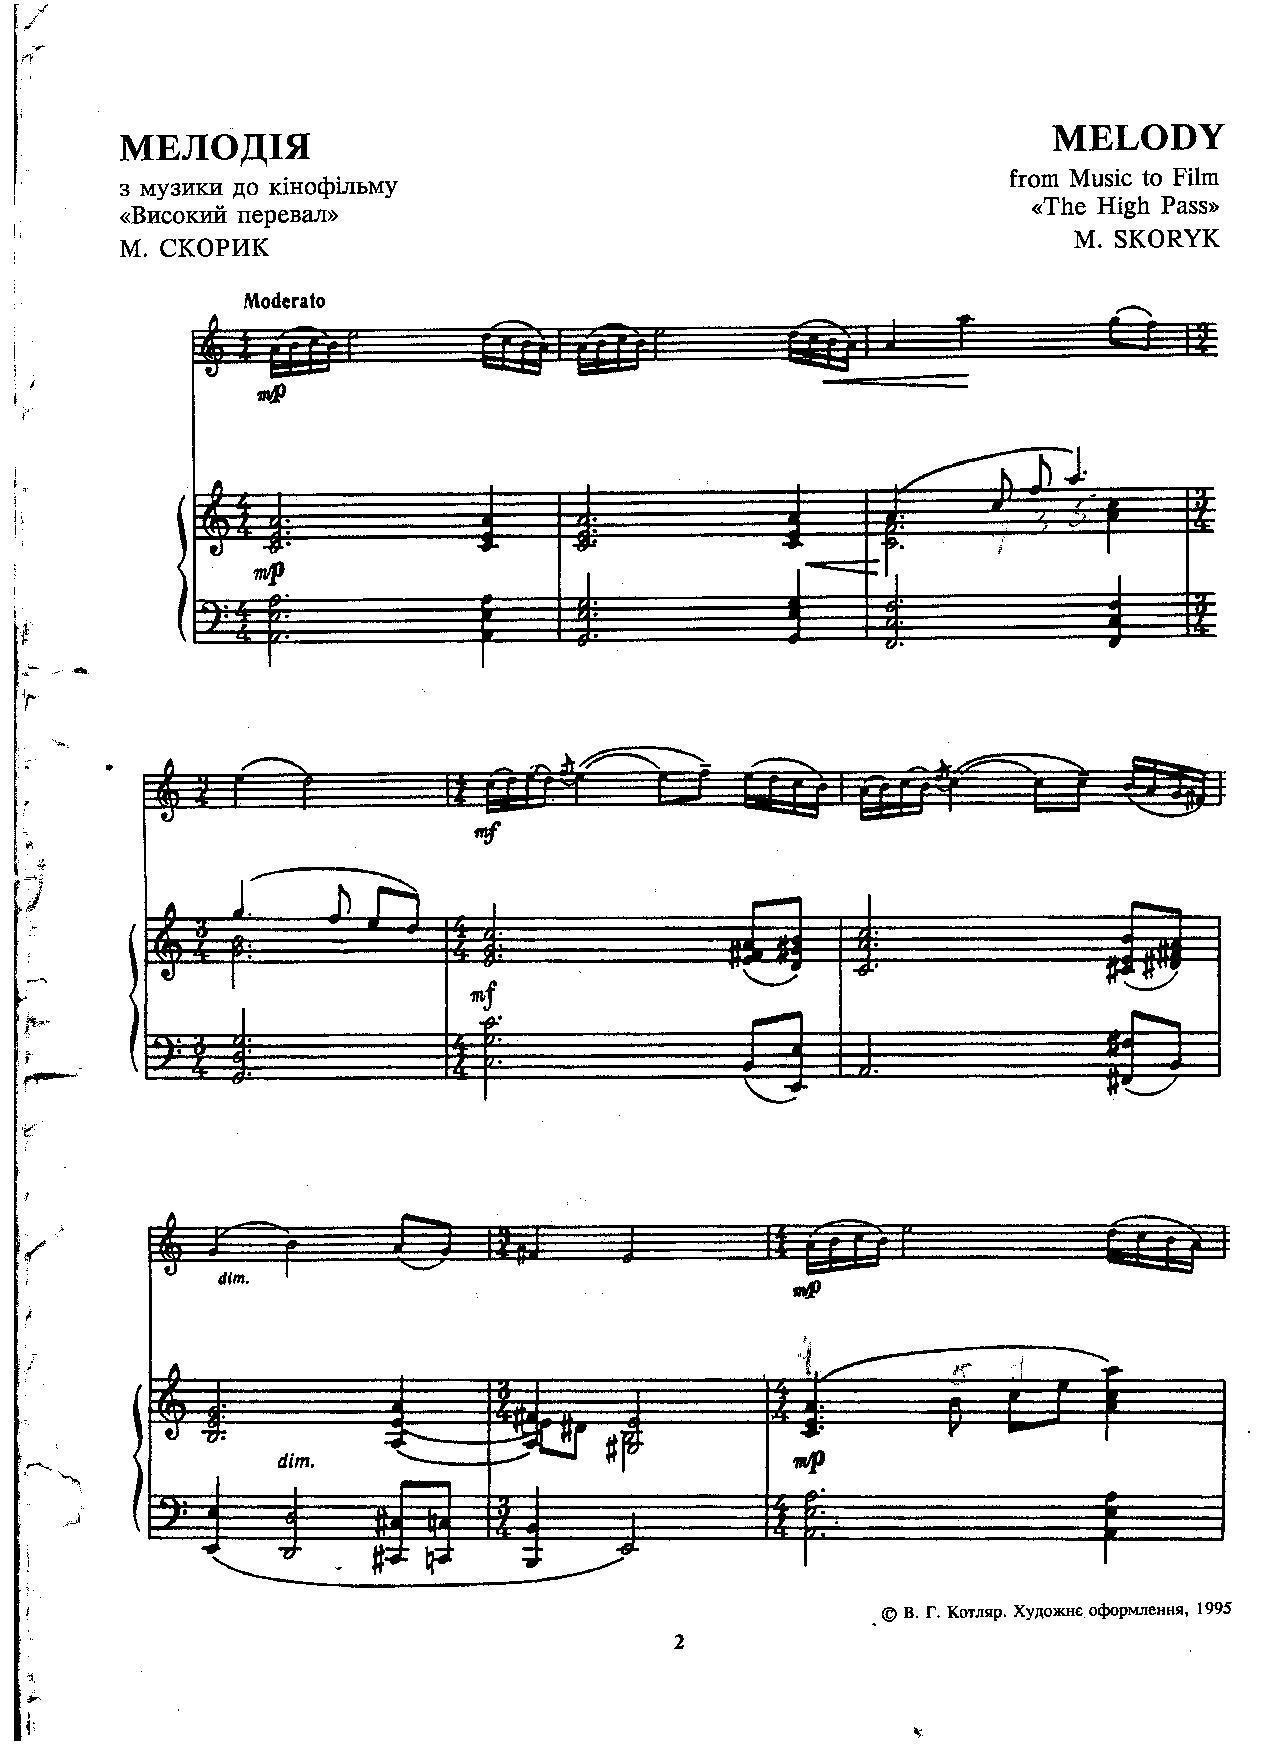 Скачать ноты для скрипки скорик мелодия